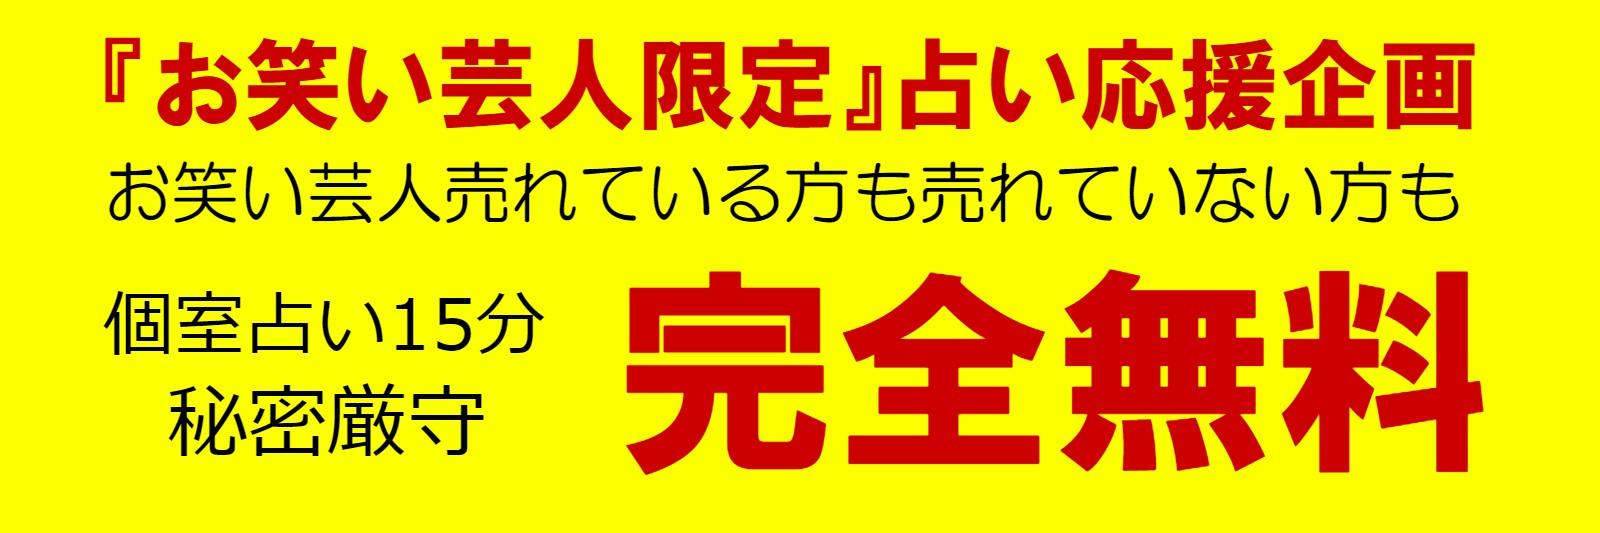 お笑い芸人の人生相談なら【お笑い芸人限定・占い無料モニター】が人気の『婚活もできる占い館BCAFE(ビーカフェ)渋谷店がオススメ!